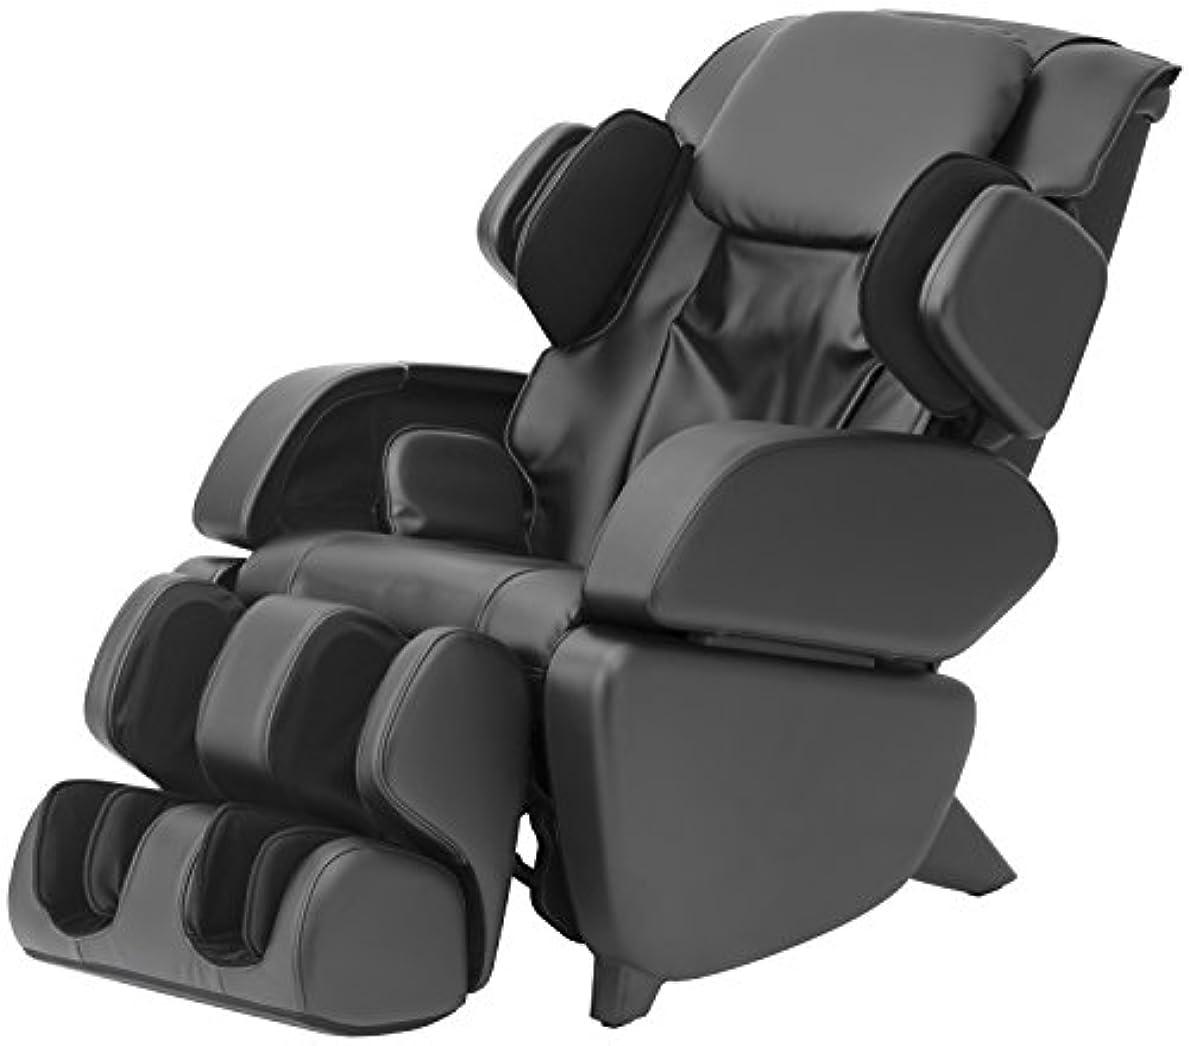 書き出す意志ライナースライヴ マッサージチェア くつろぎ指定席 「つかみもみ?エアーマッサージ機能搭載」 通販限定モデル ブラック CHD-9004-S(K)